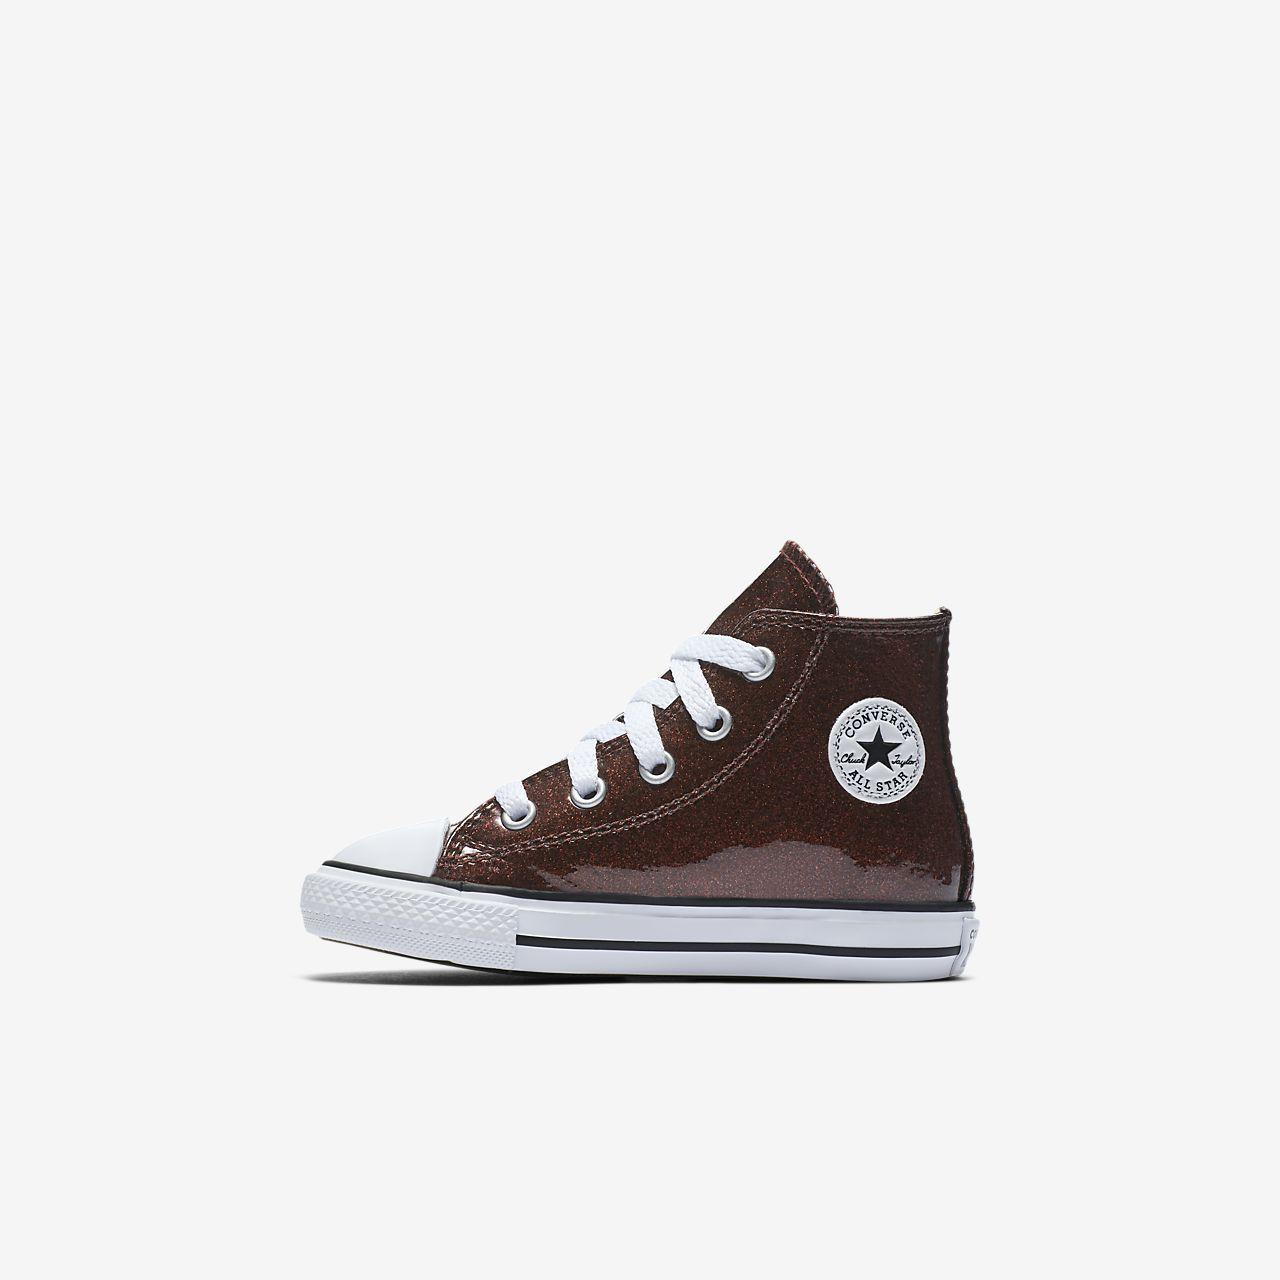 Converse Chuck Taylor All Star Autumn Glitter High Top Infants' Shoe